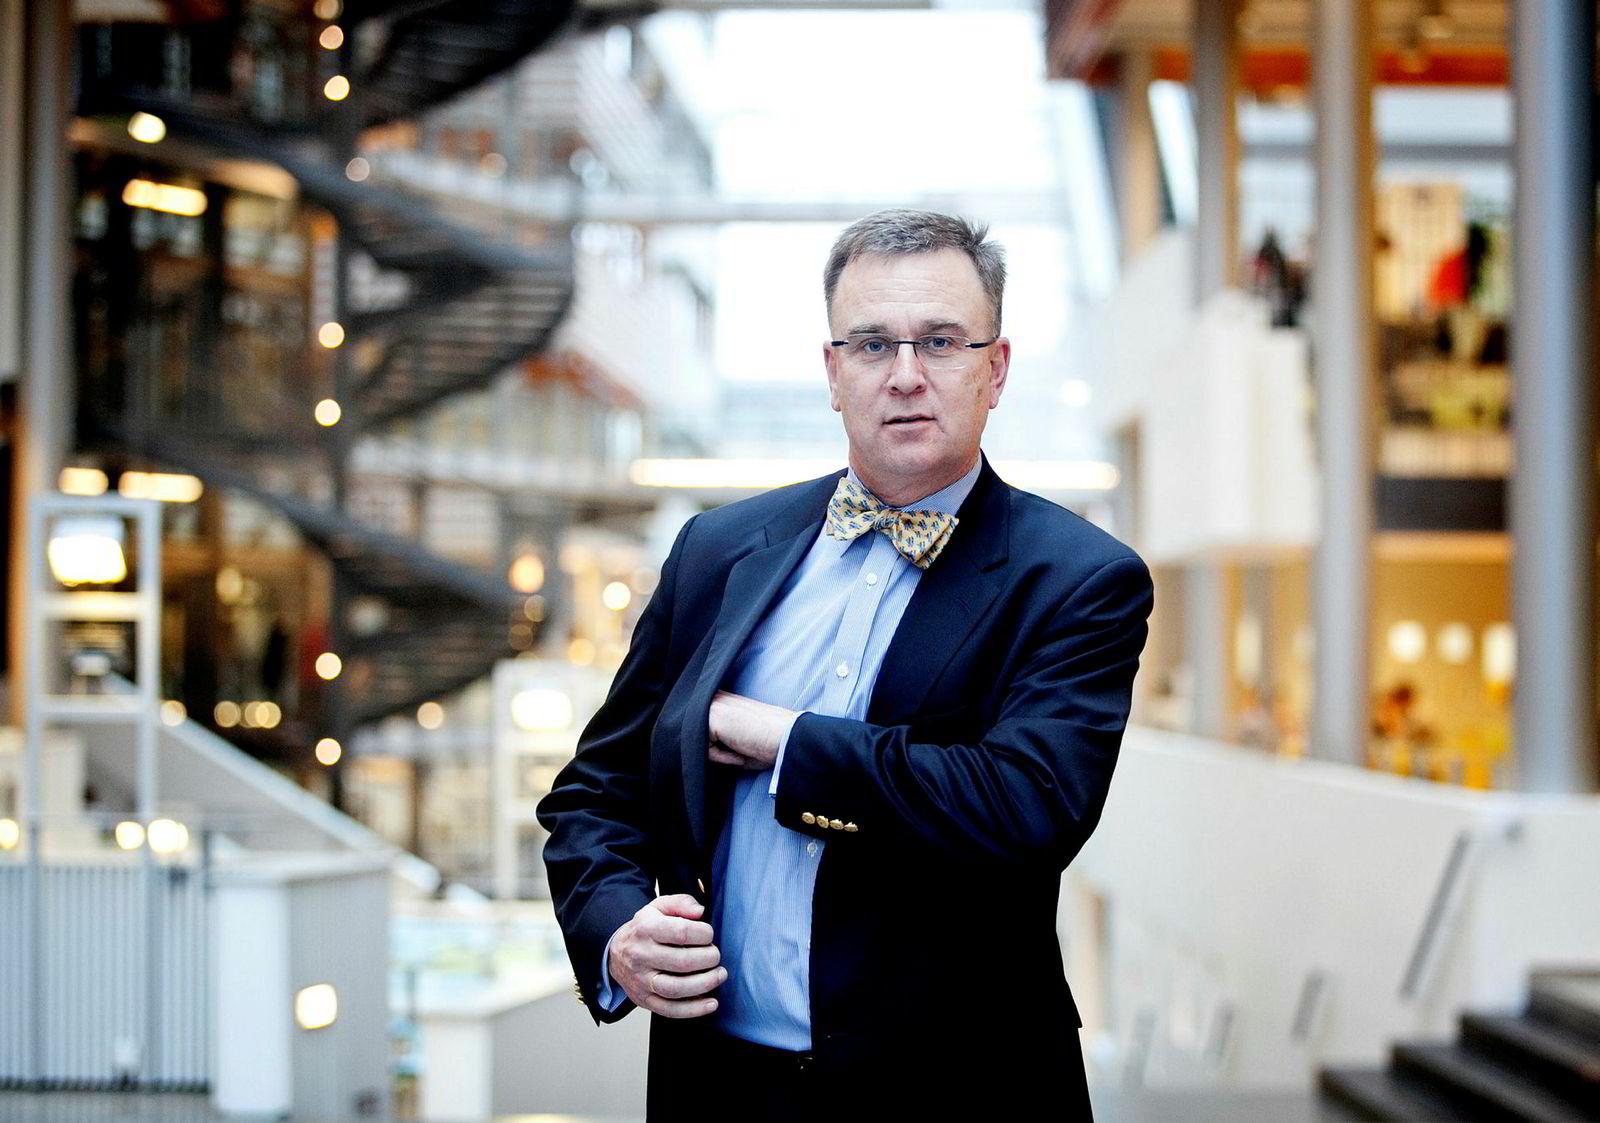 Espen Andersen, førsteamanuensis ved Handelshøyskolen BI og direktør for senter for digitalisering (Oslo). En viktig kilde til innsikt om digitalisering og nye forretningsmodeller gjennom 22 år ved BI. Er direktør for Senter for digitalisering, et forskningssenter som skal hjelpe bedrifter å utvikle og gjennomføre strategier for å utnytte digital teknologi for vekst og komparative fordeler. Andersen er selv utdannet siviløkonom ved BI, og har en grad fra Harward Business School.